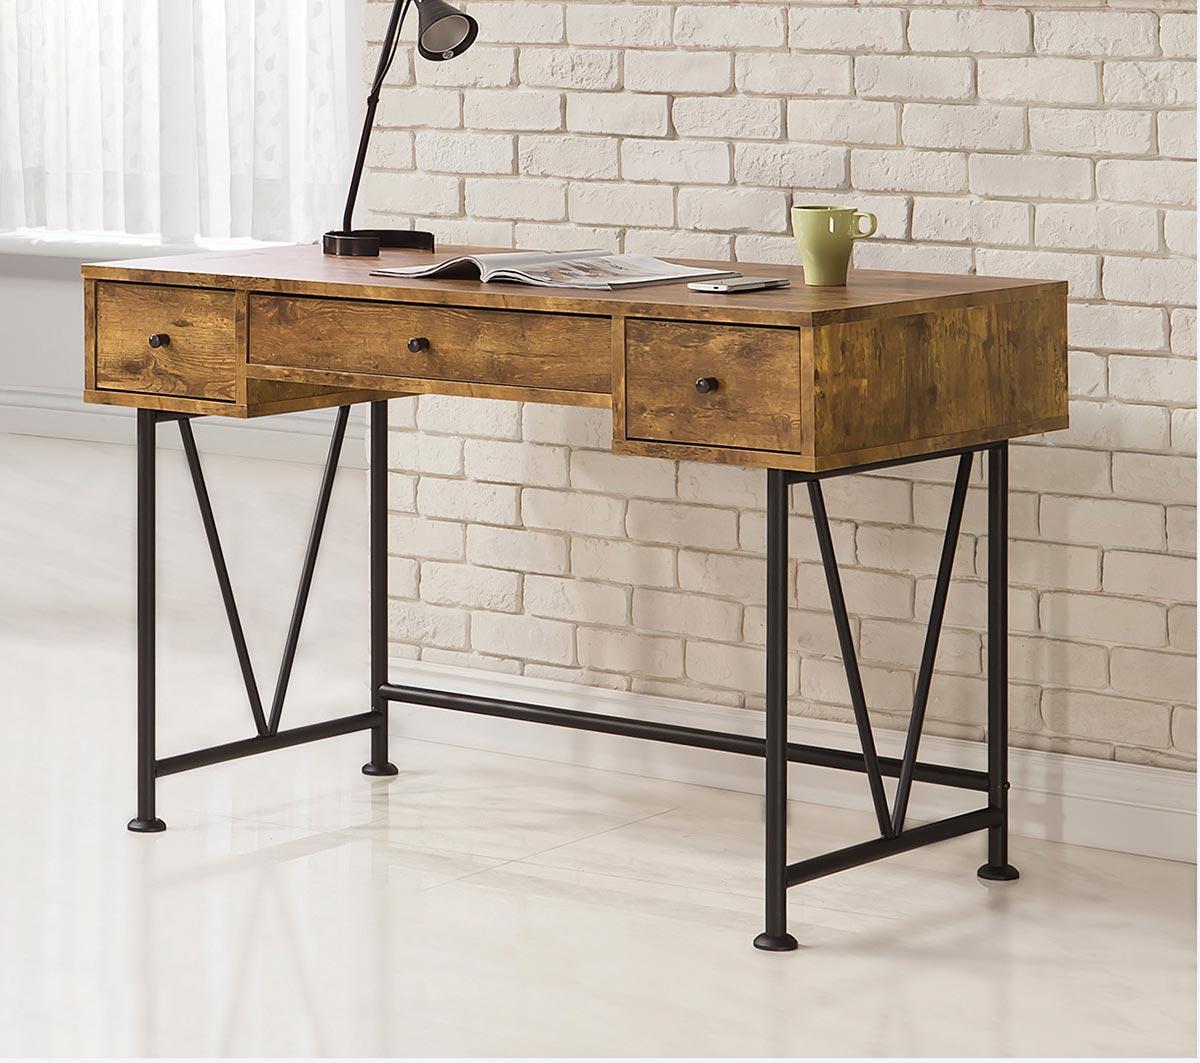 Coaster Barritt Writing Desk - Antique Nutmeg